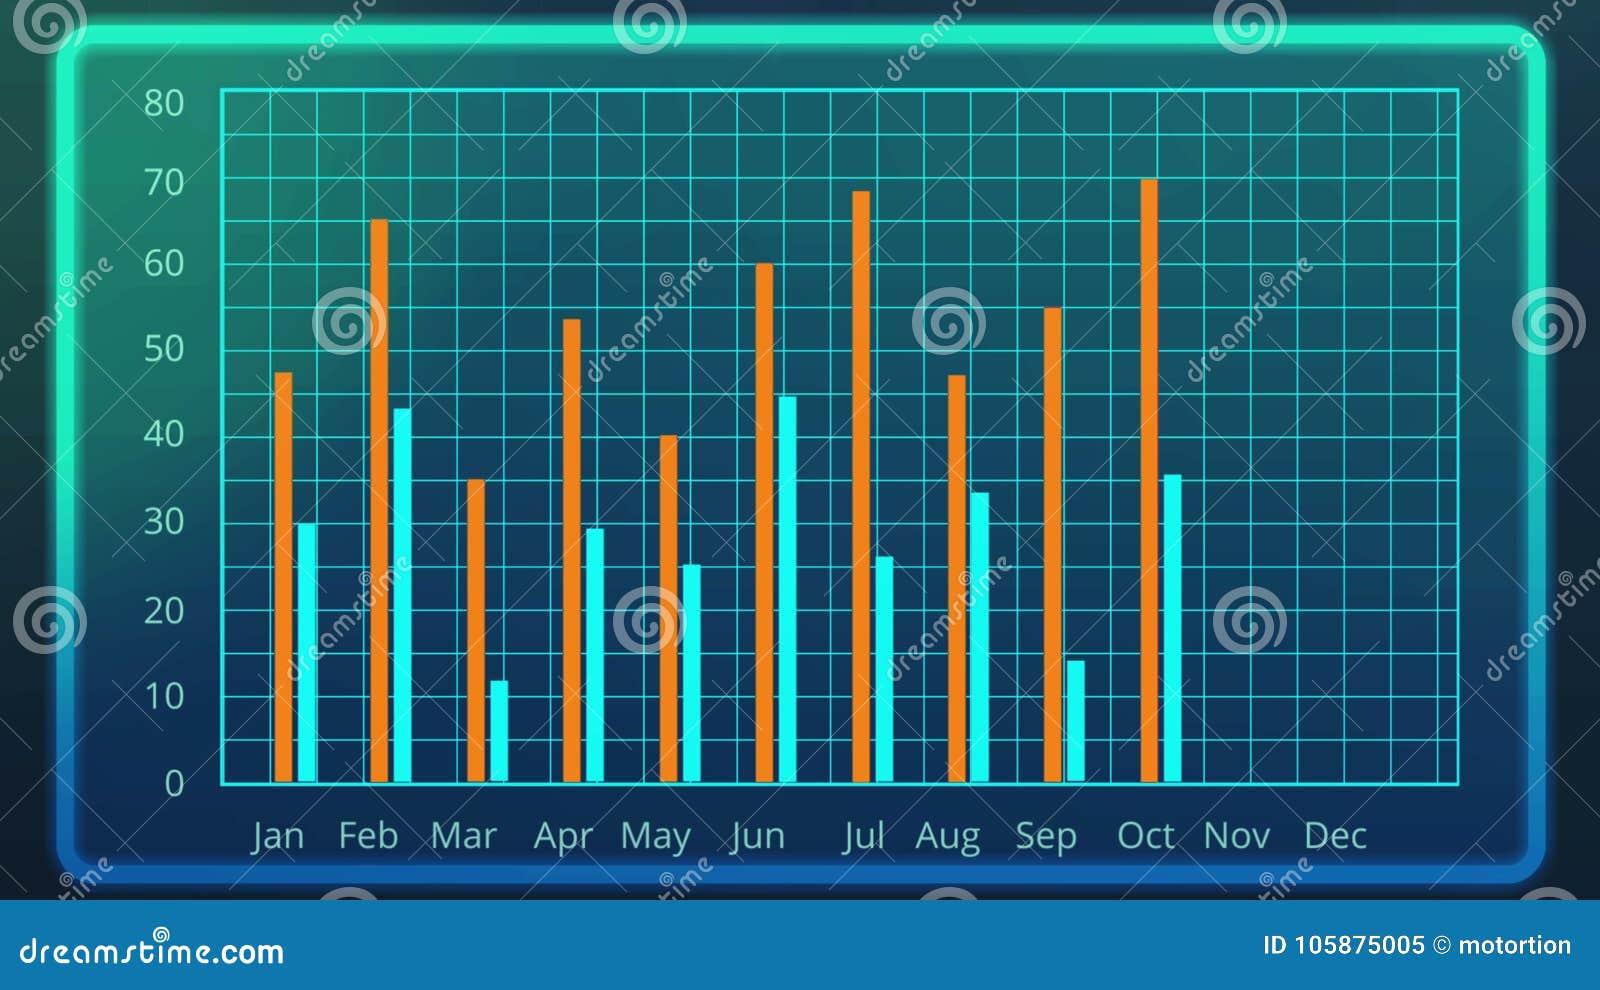 Elektronische grafiek die maandelijkse resultaten in vergelijking met vorig jaargegevens weergeven